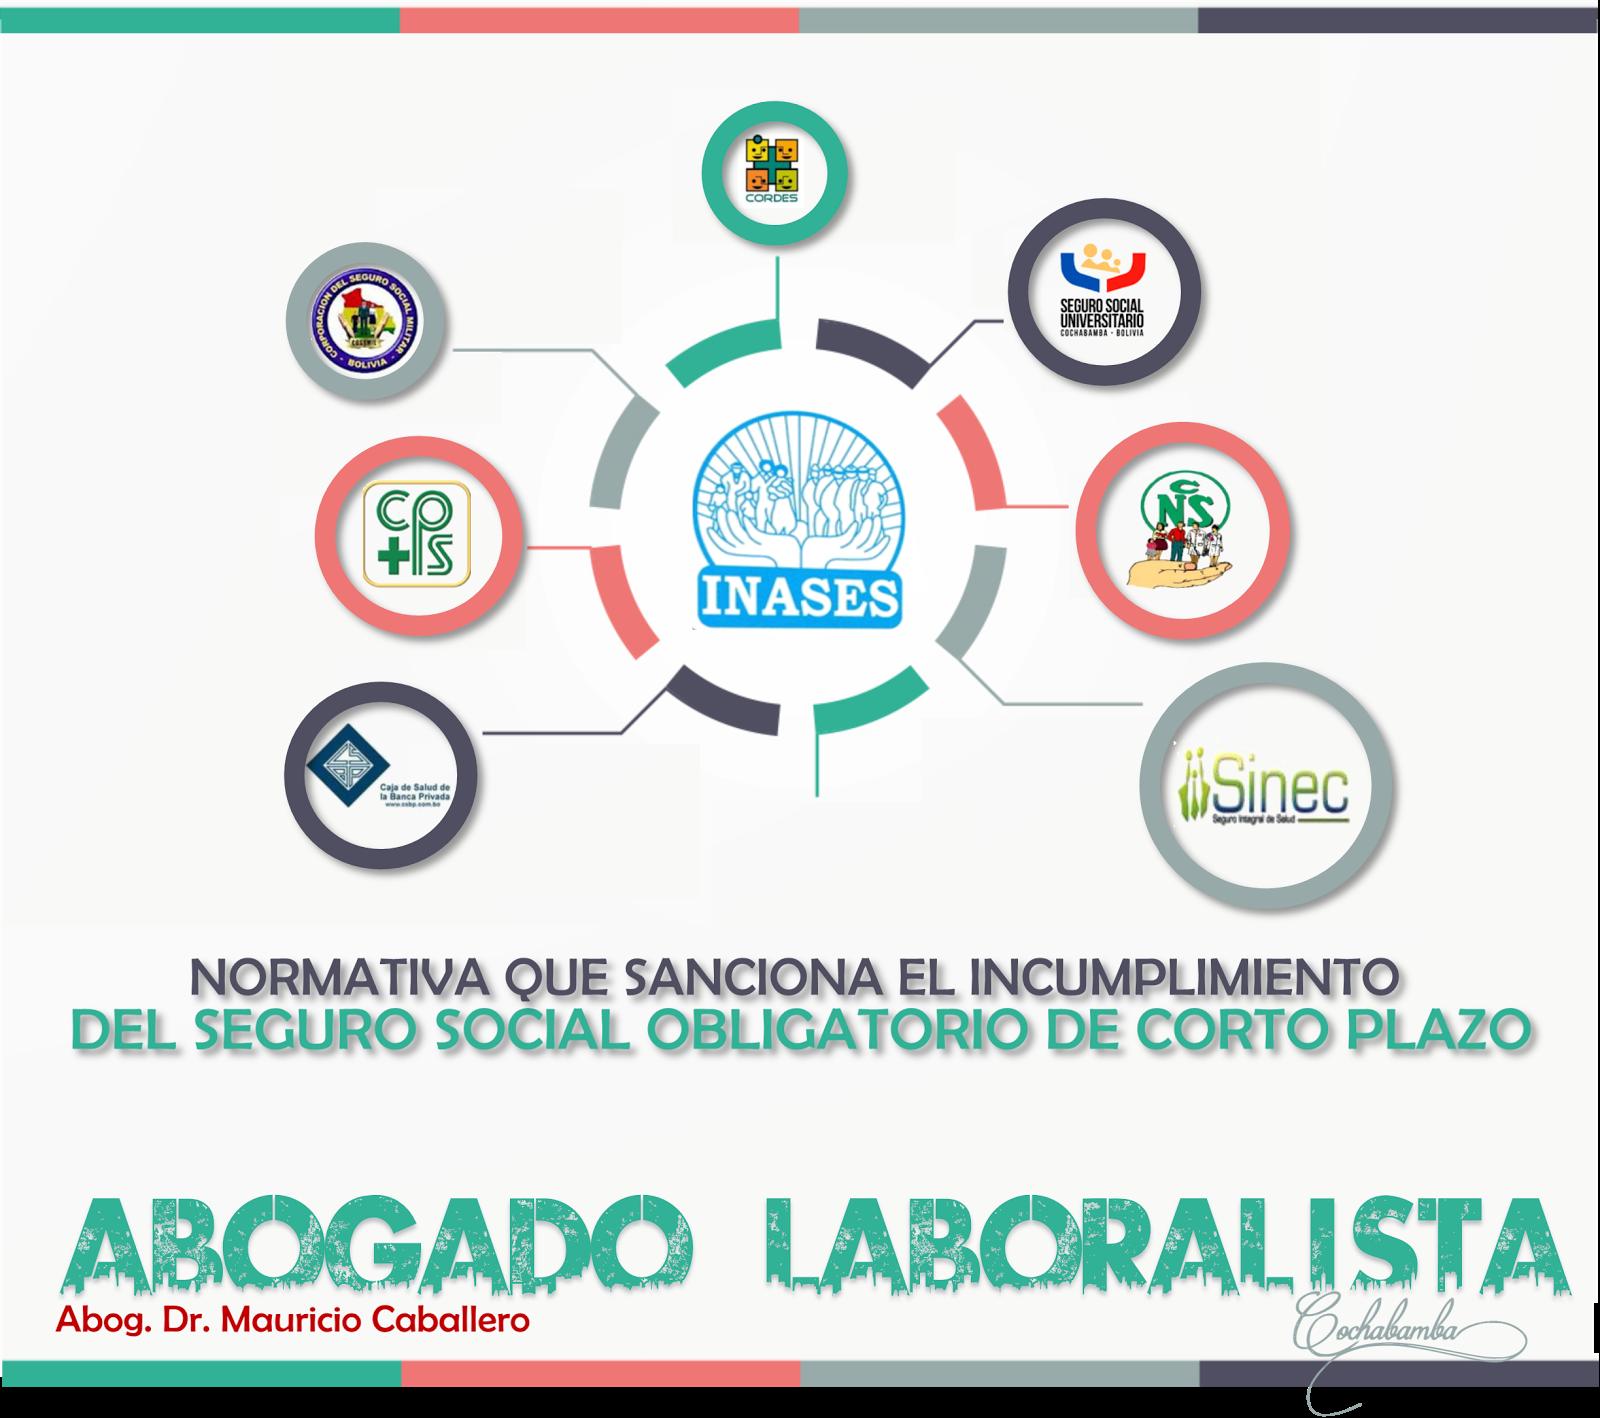 NORMAS QUE SANCIONAN EL INCUMPLIMIENTO DEL SEGURO SOCIAL DE CORTO PLAZO